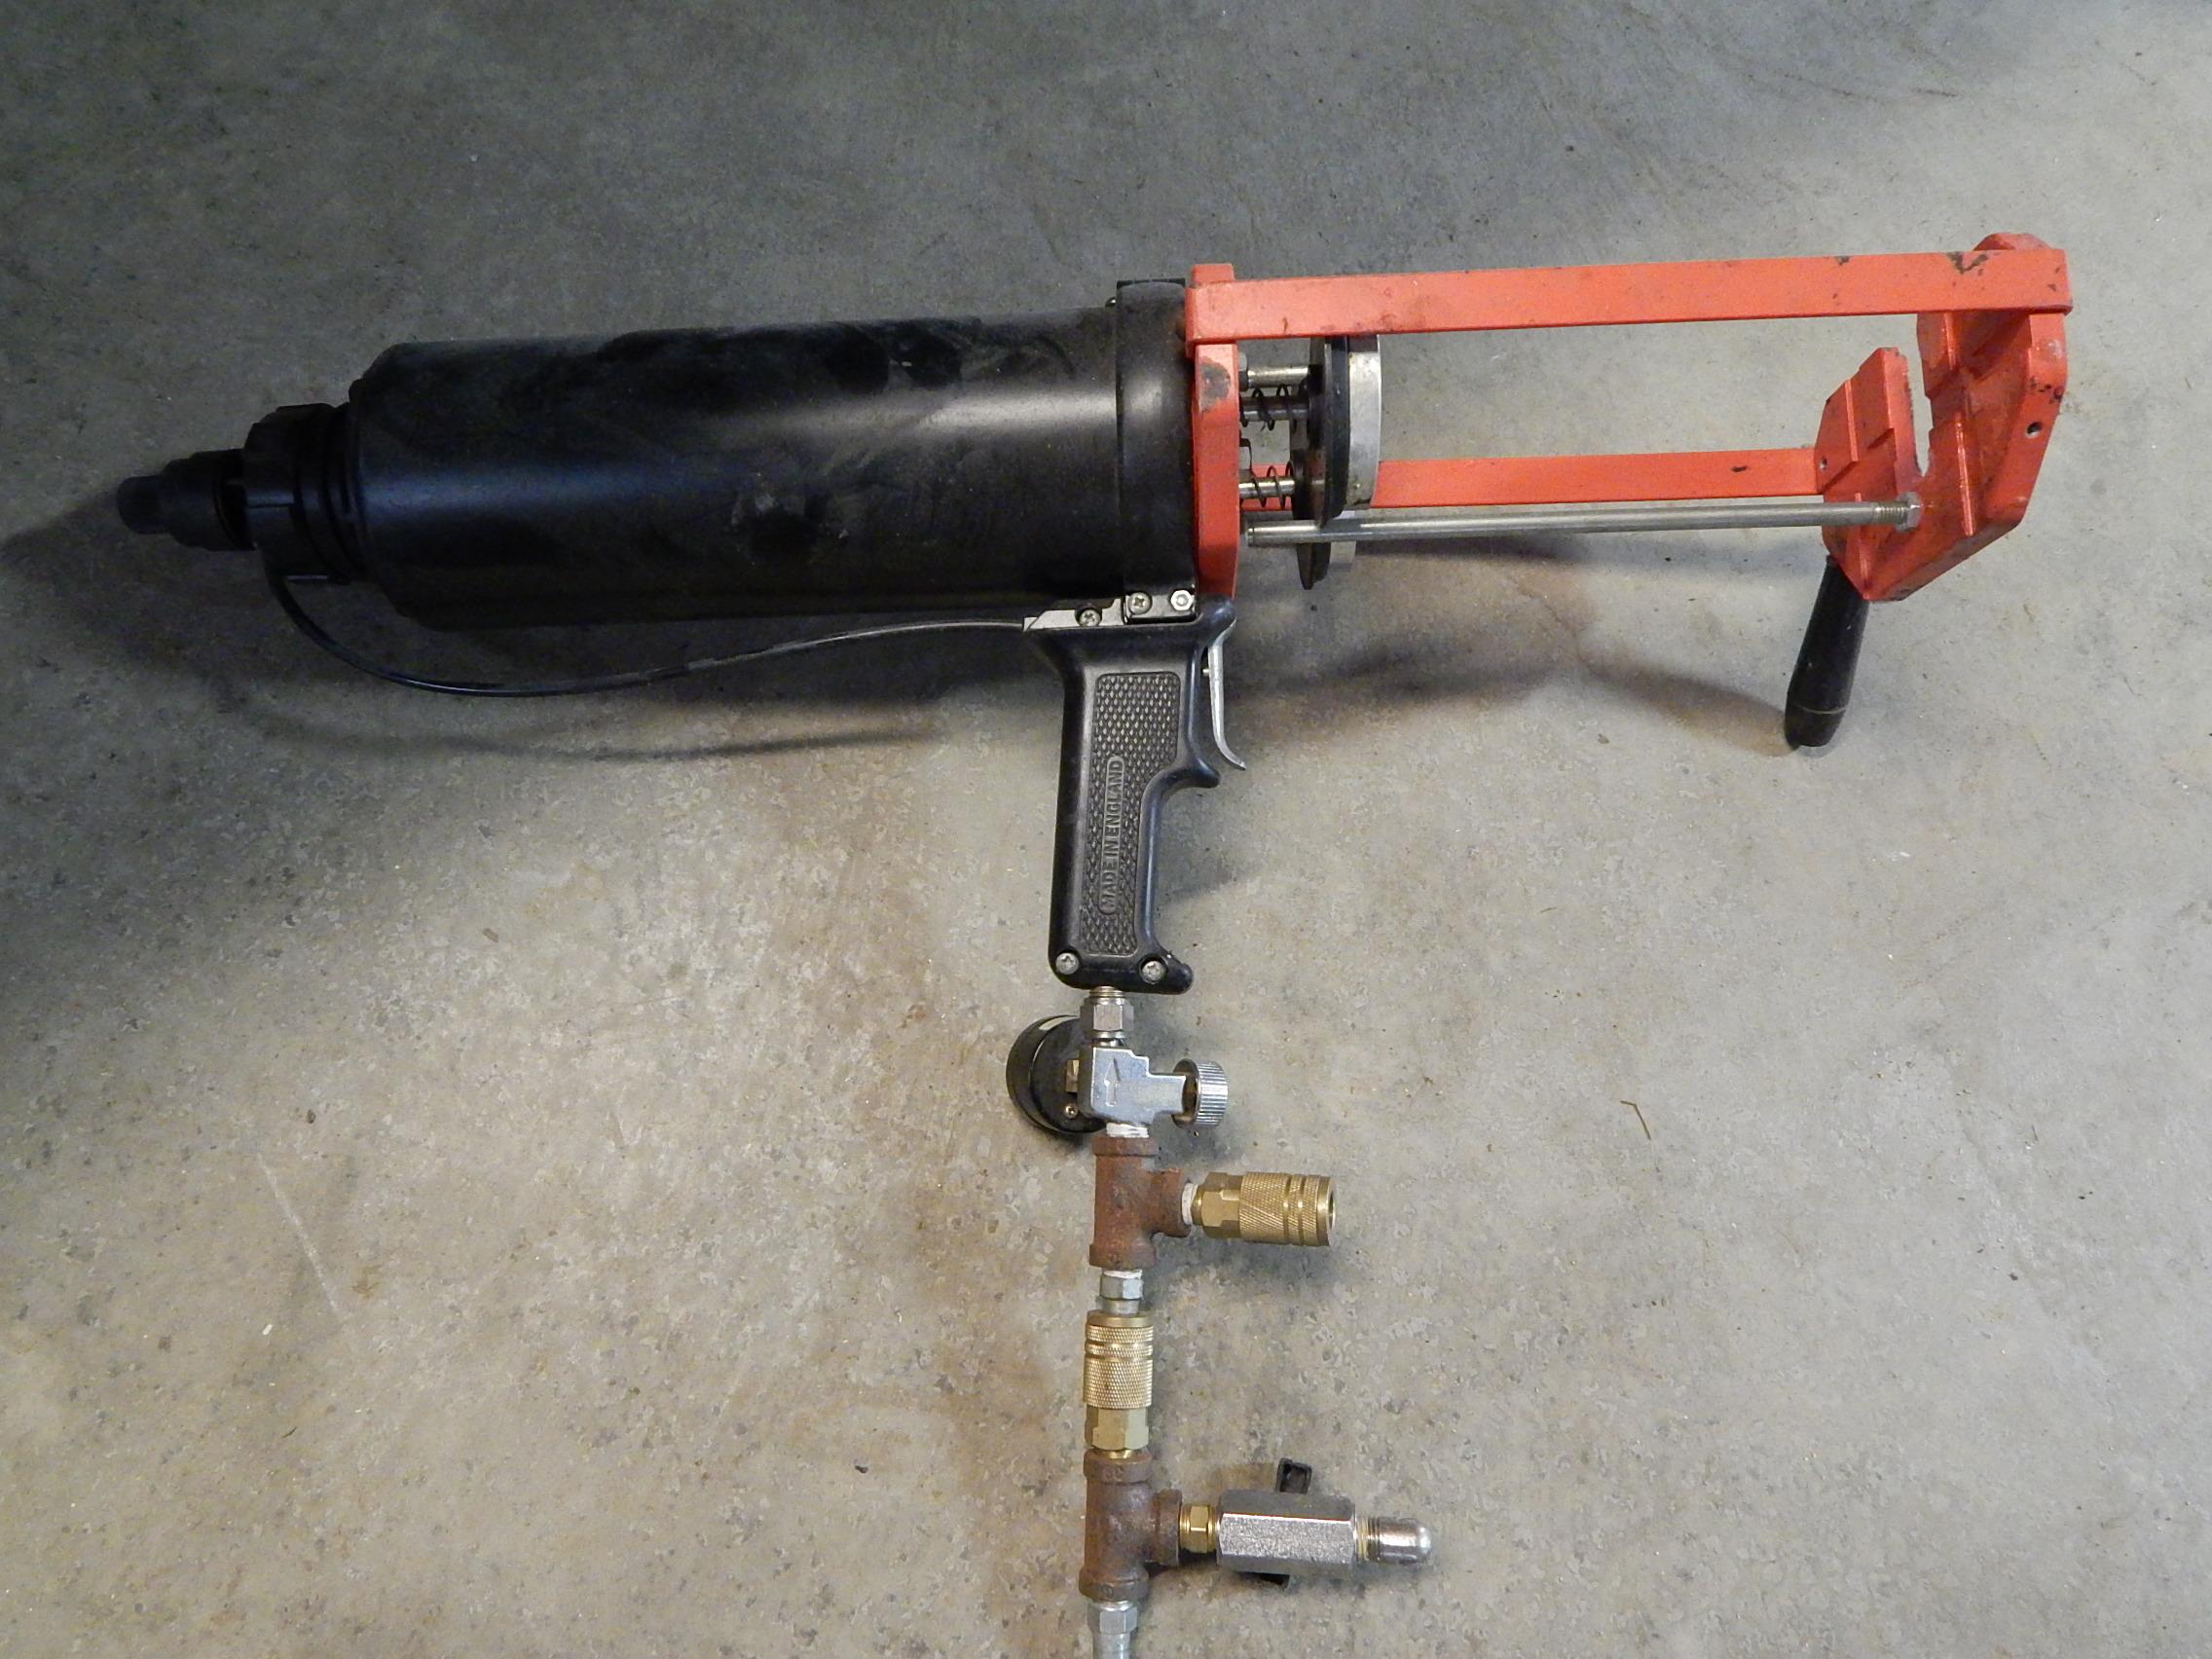 Lot 54 - Cox Pneumatic Applicator